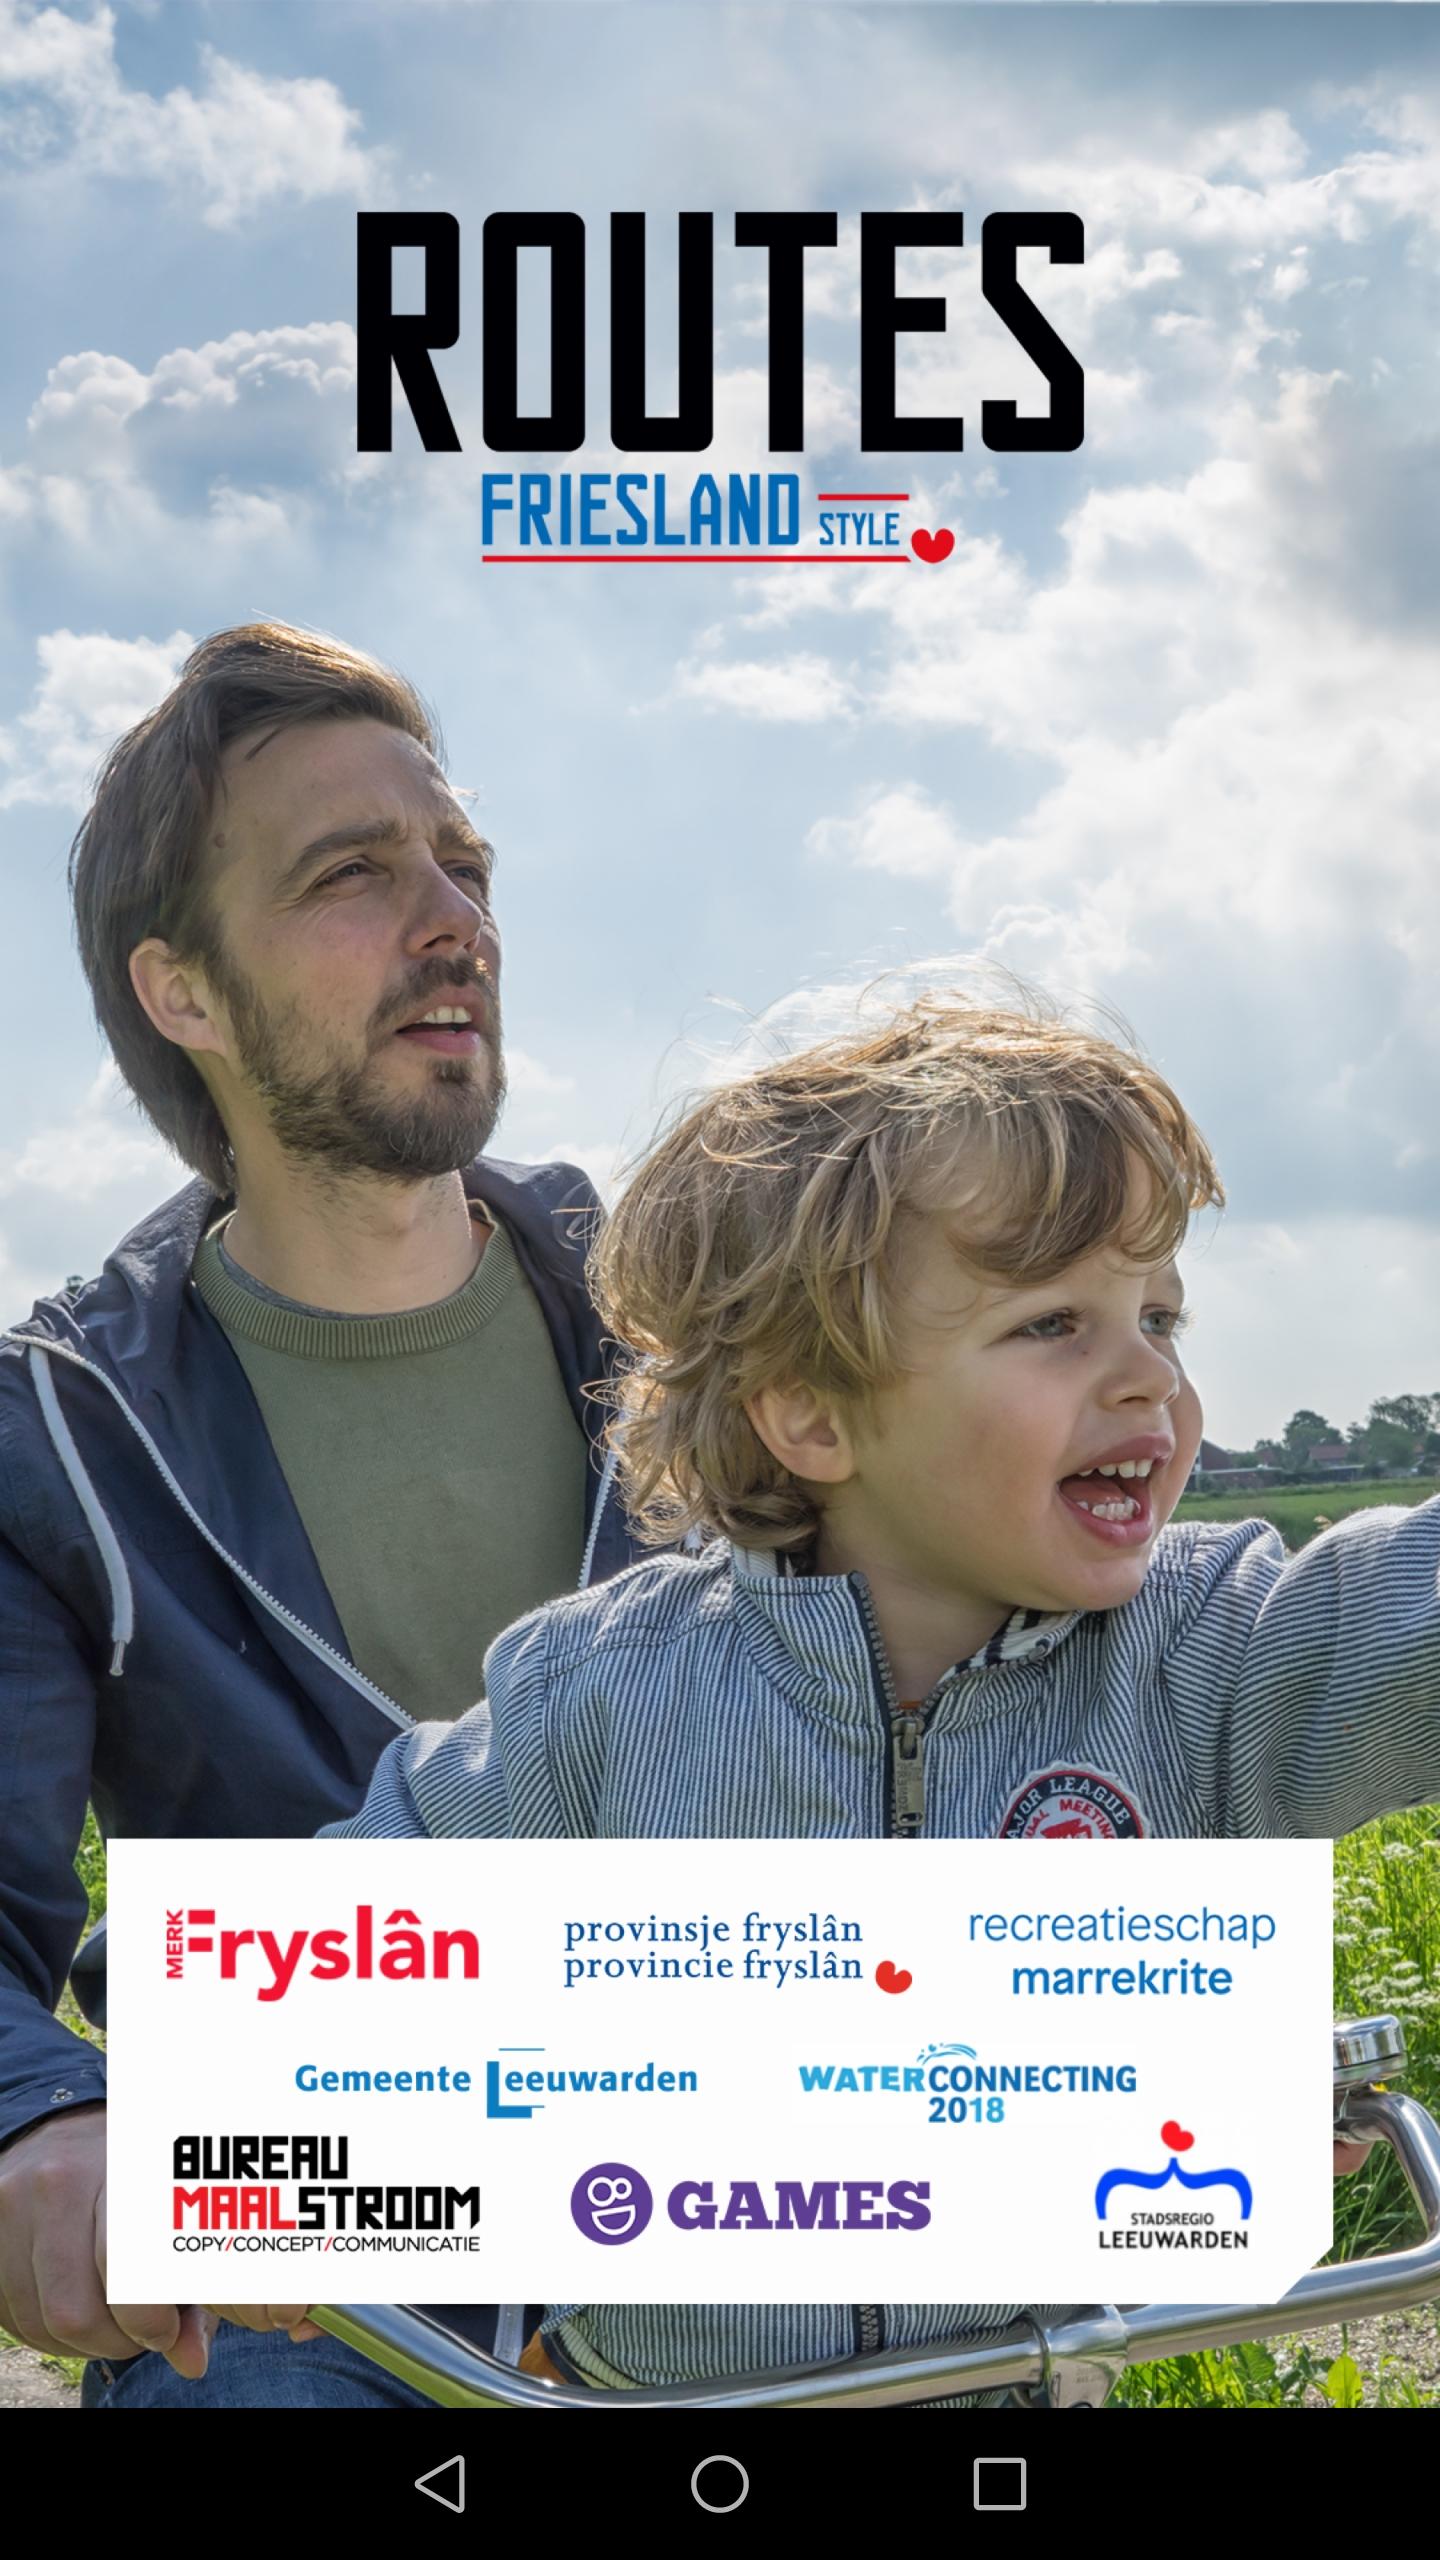 Route app: Routes Fryslan Style